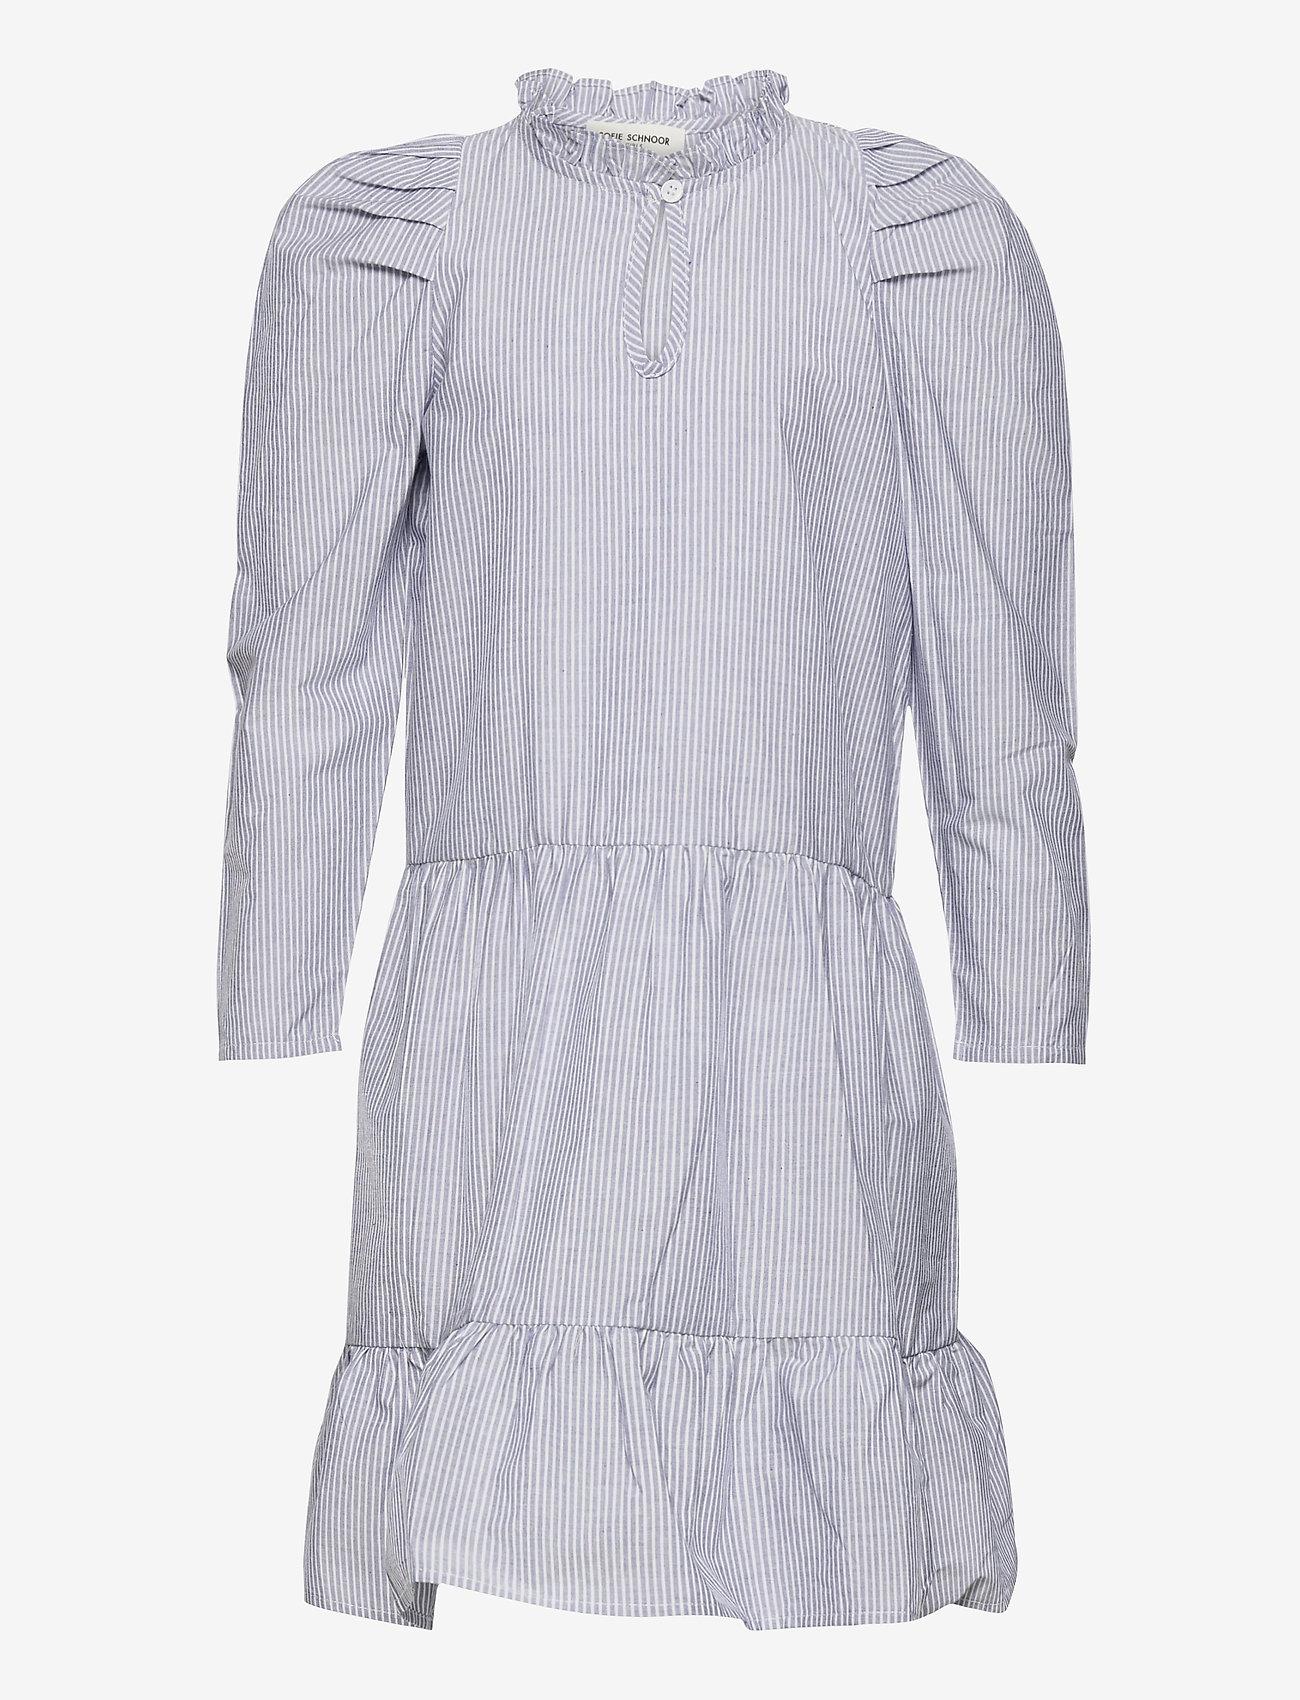 Petit by Sofie Schnoor - Dress - kleider - blue - 0